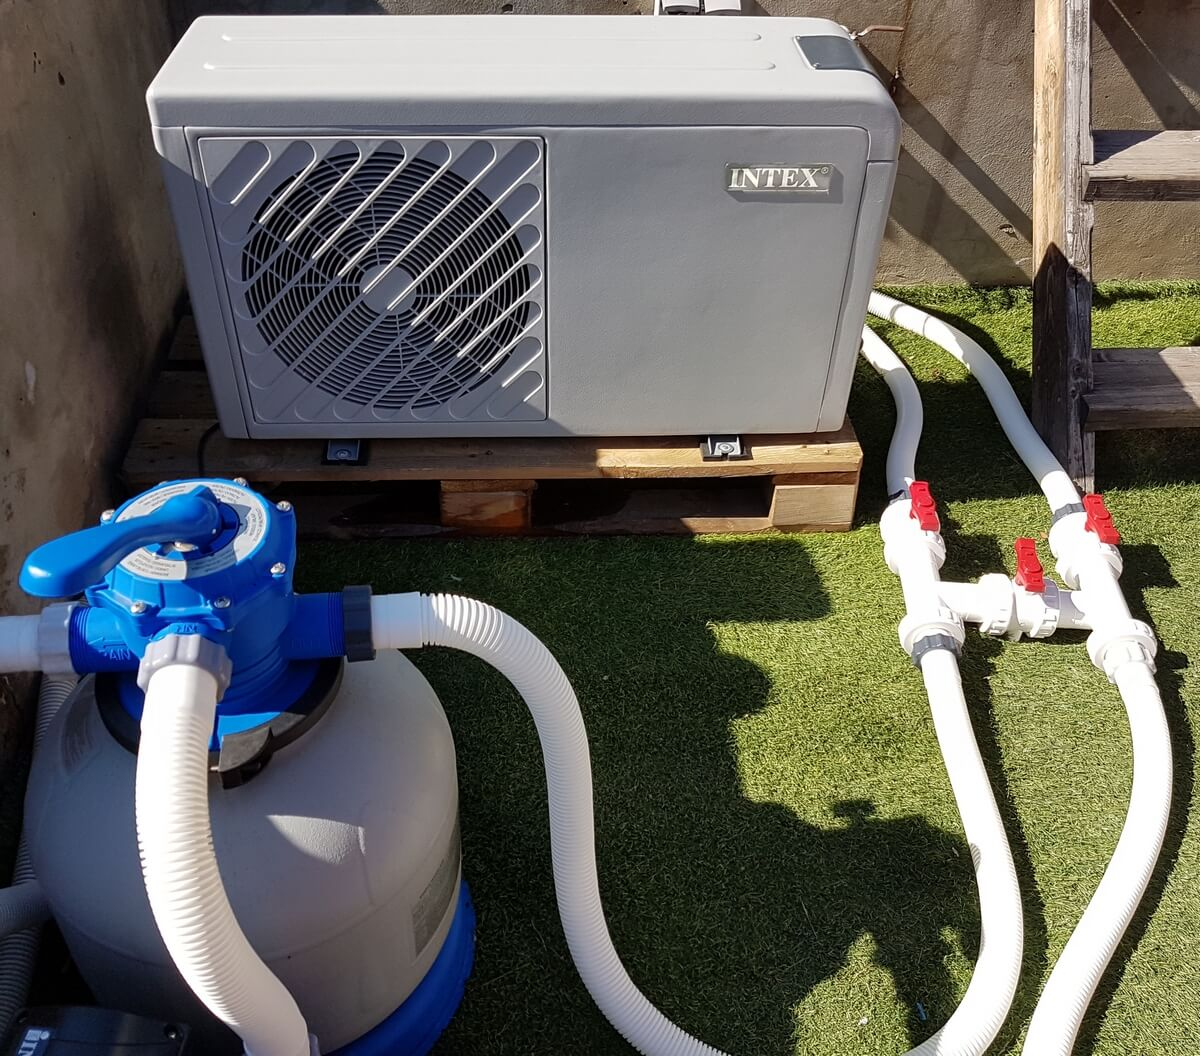 Comment Monter Une Piscine Hors Sol comment installer sa pompe à chaleur de piscine ? - blog de